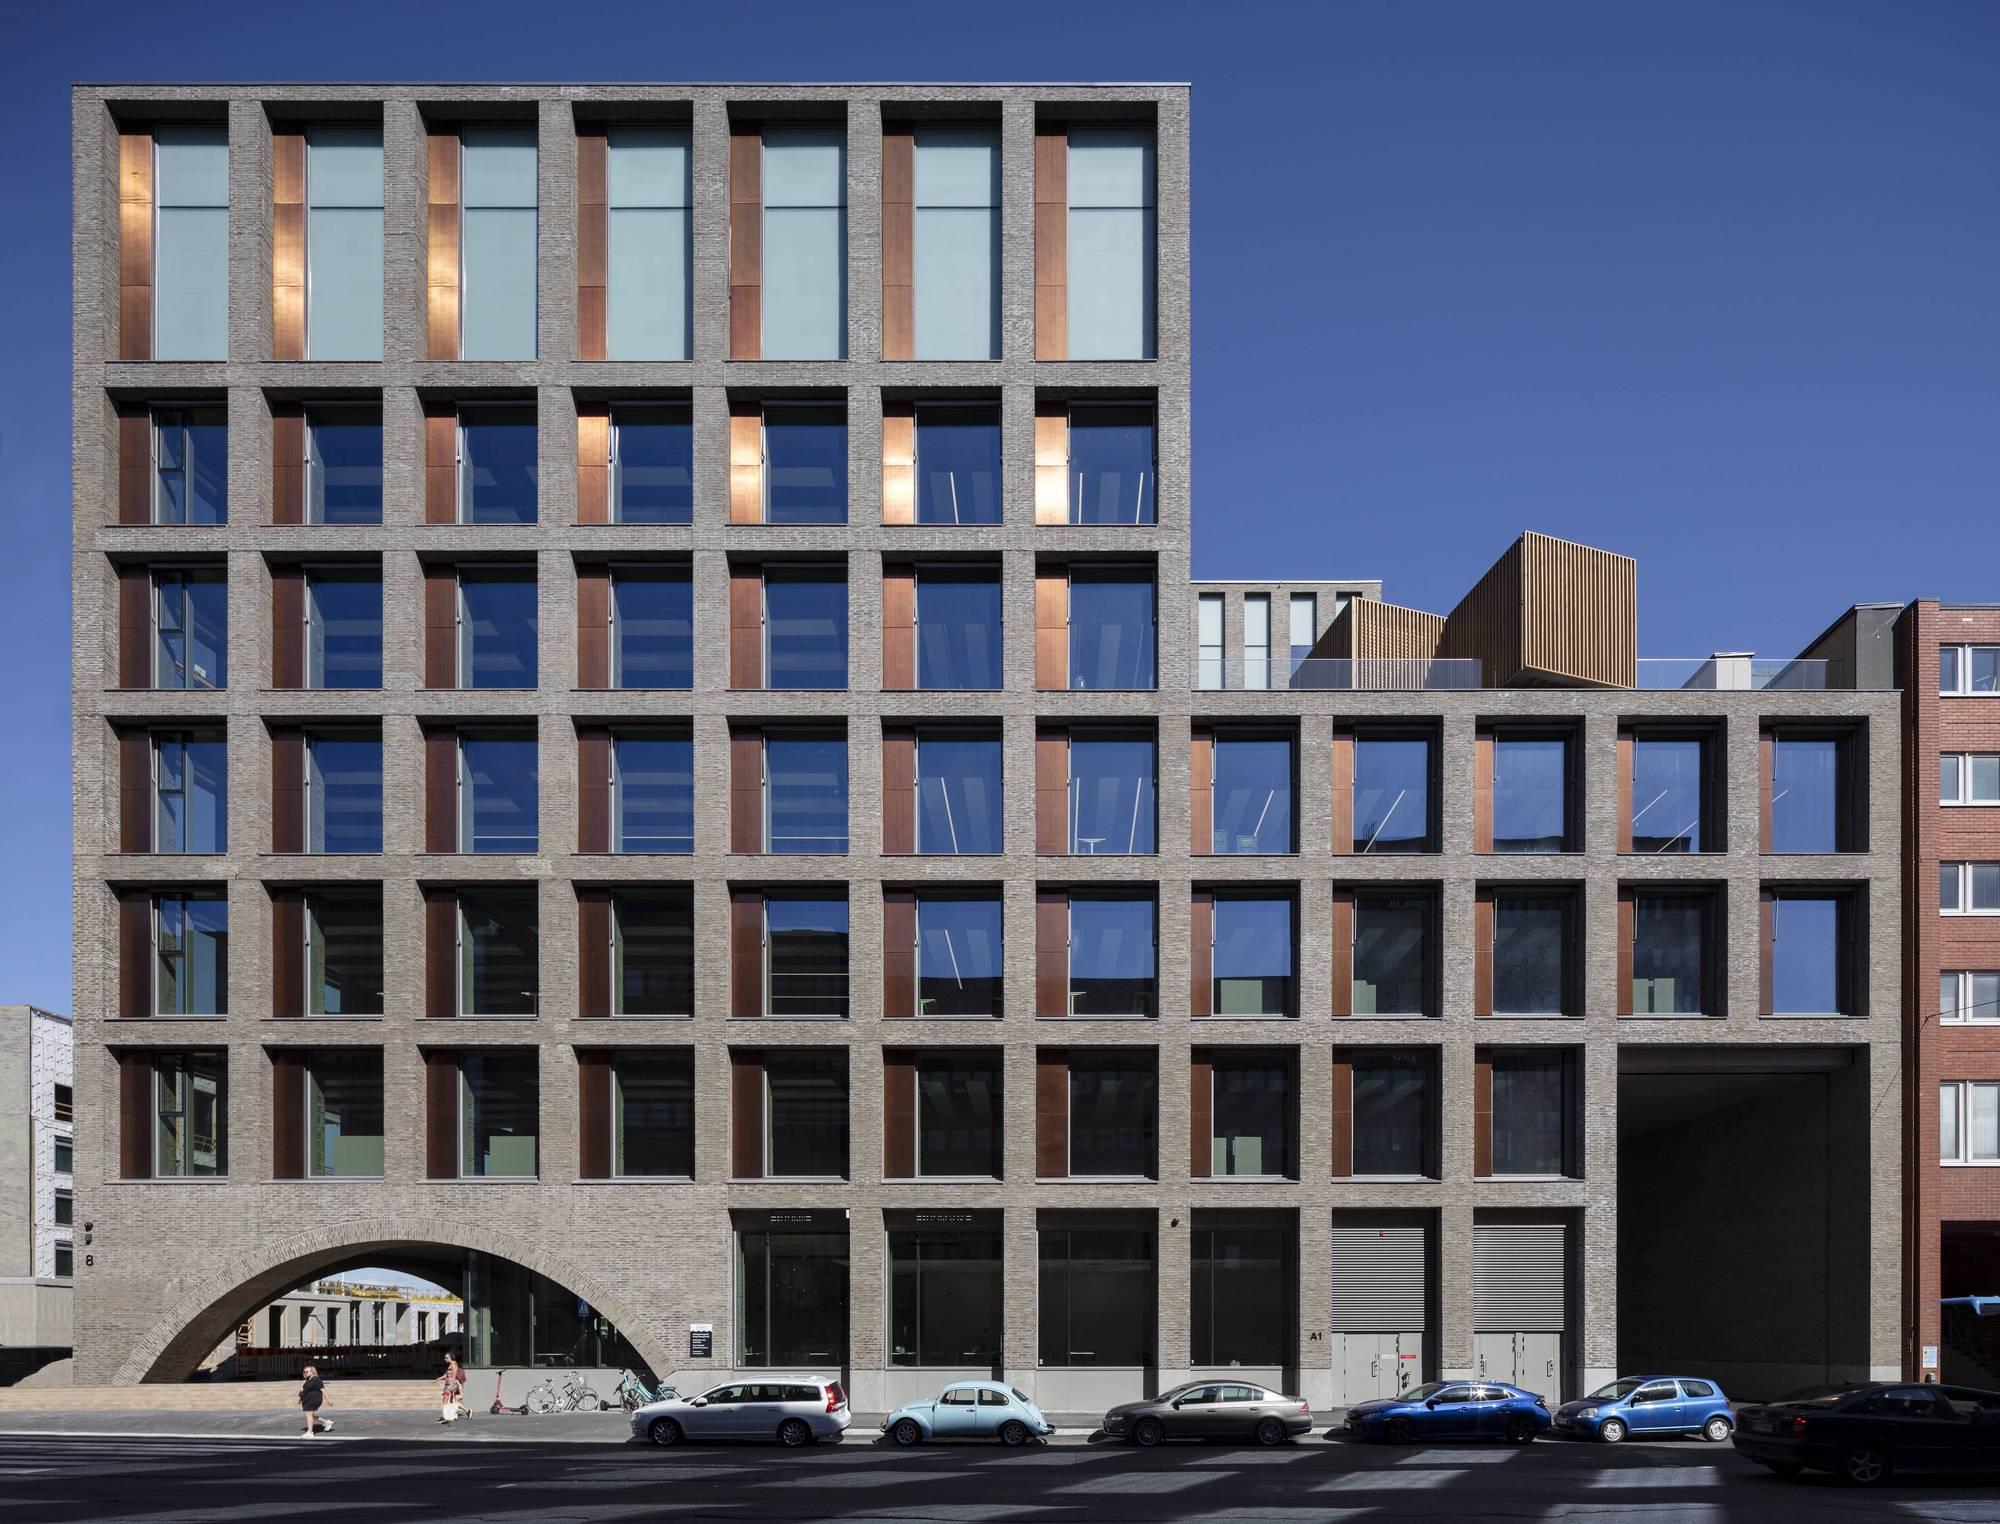 The Urban Environment House / Lahdelma & Mahlamäki Architects